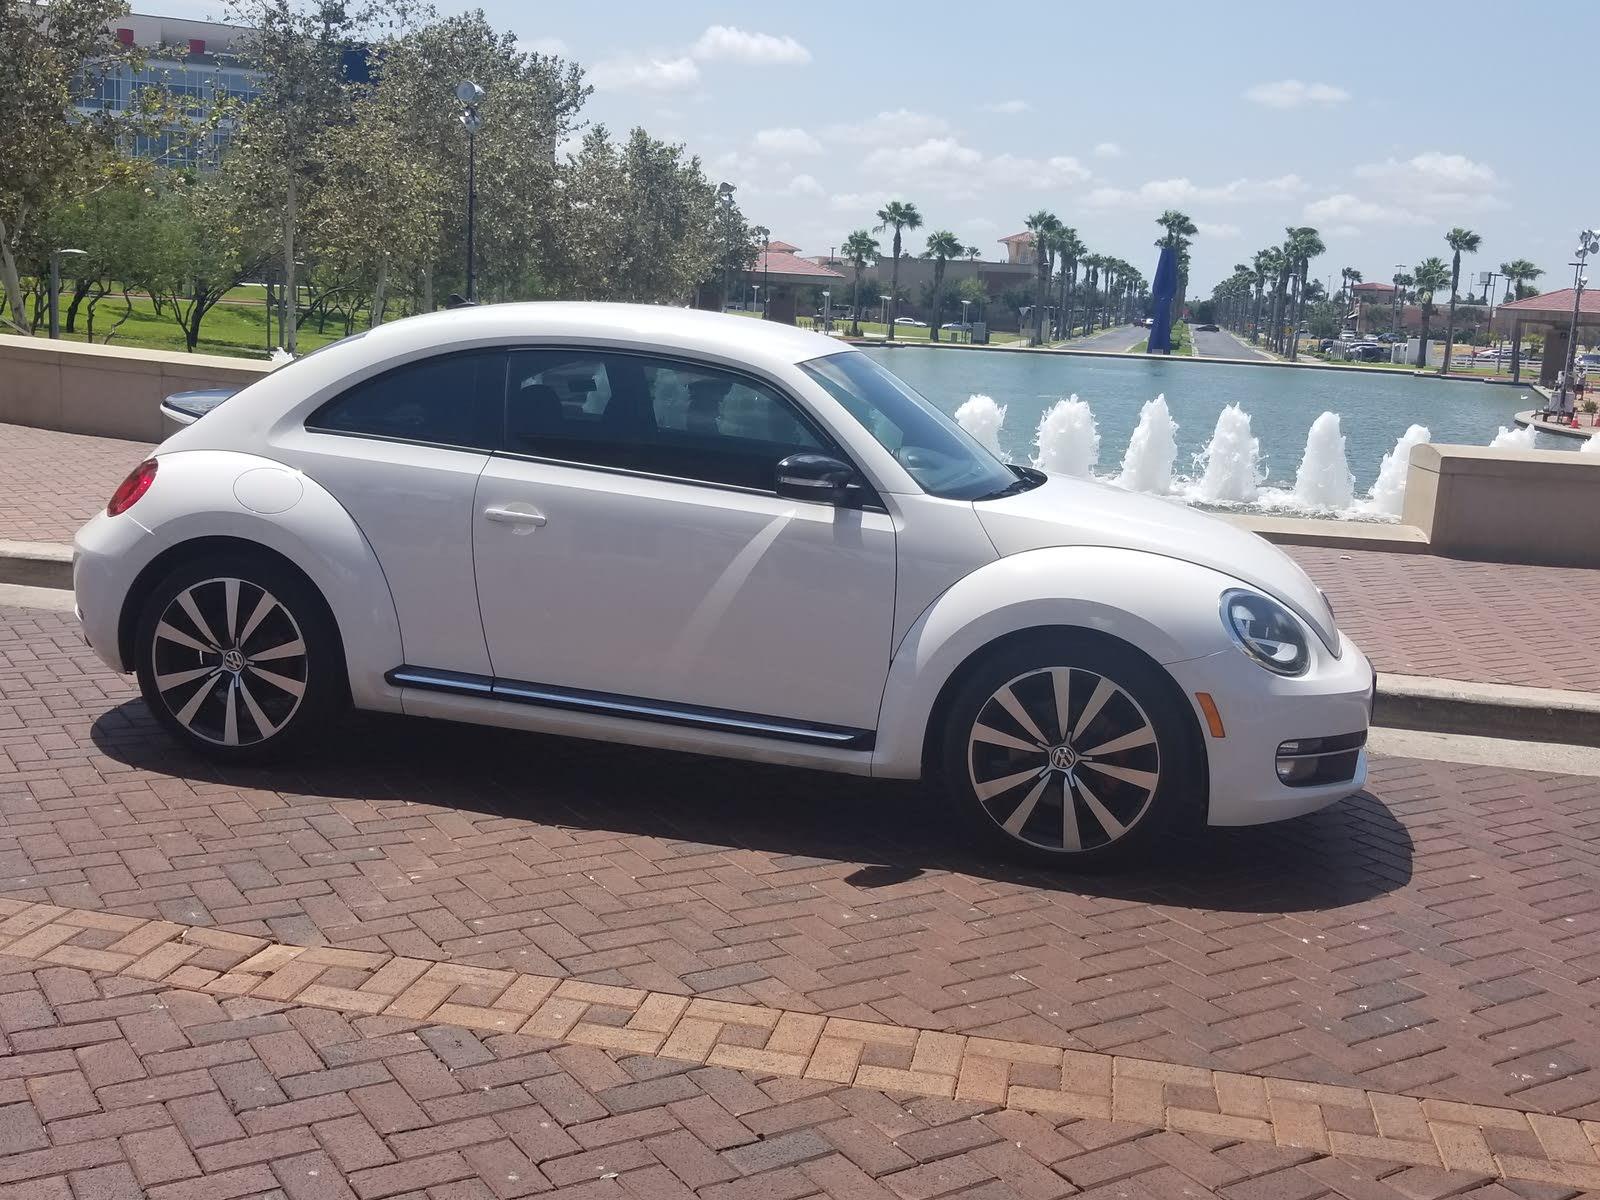 2012 Volkswagen Beetle - Overview - CarGurus